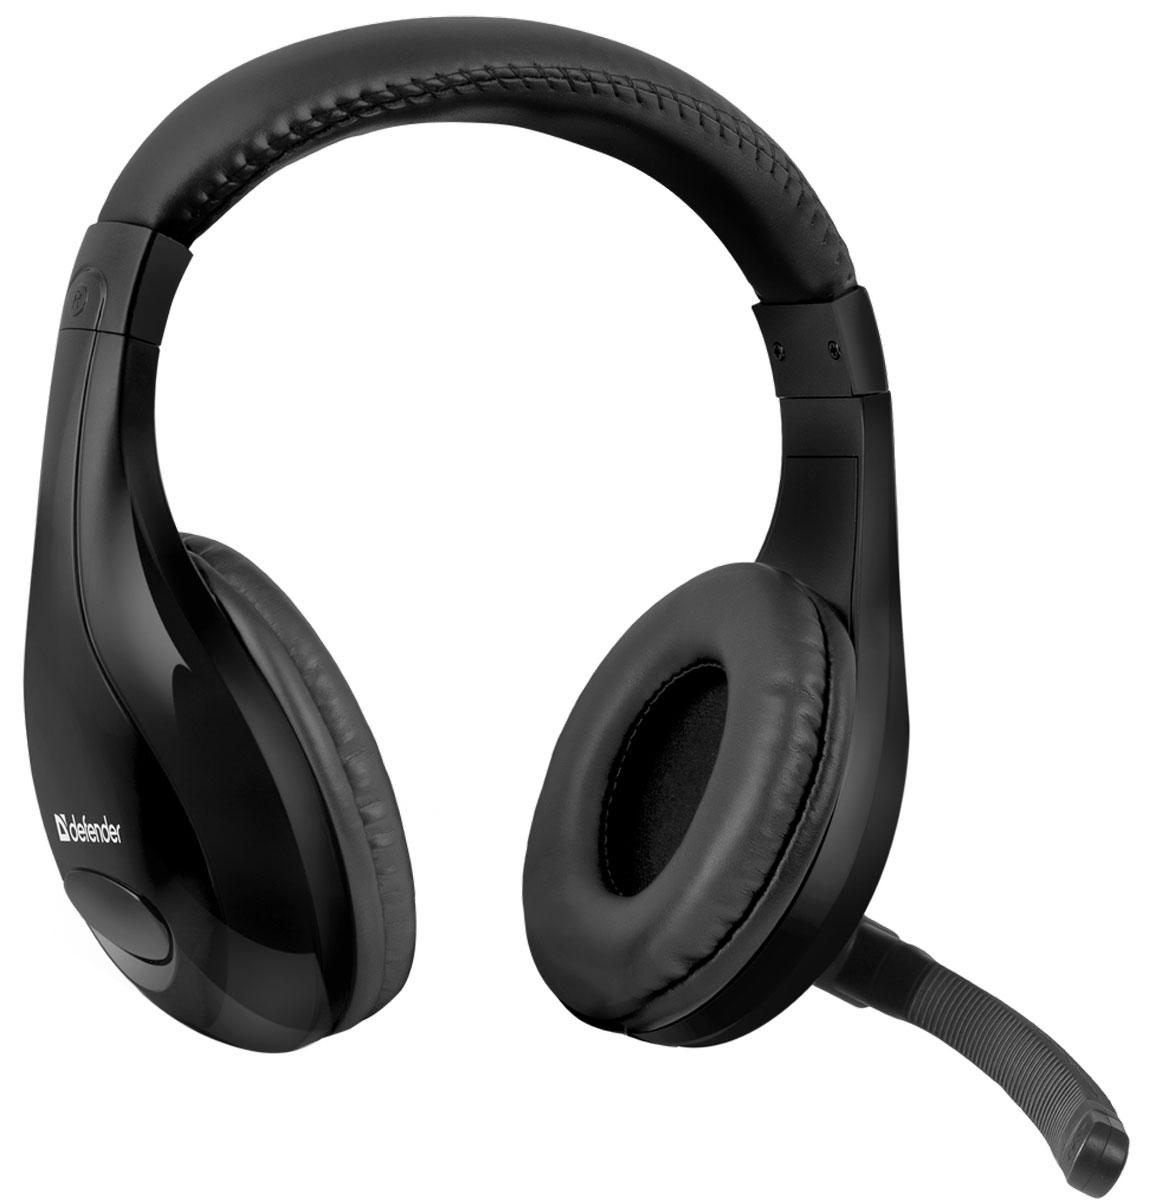 Defender Warhead G-170, Black игровая гарнитура64114Игровая гарнитура Defender Warhead G-170 предназначена для компьютеров нового поколения, использующих комбинированный четырехпиновый разъем для наушников и микрофона. Благодаря надежной звукоизоляции и комфортным амбюшурам вы сможете играть или слушать музыку с комфортом - ничто не будет вам мешать! Частотный диапазон микрофона: 20 Гц - 16 кГц Сопротивление микрофона: 2,2 кОма Чувствительность микрофона: 54 дБ